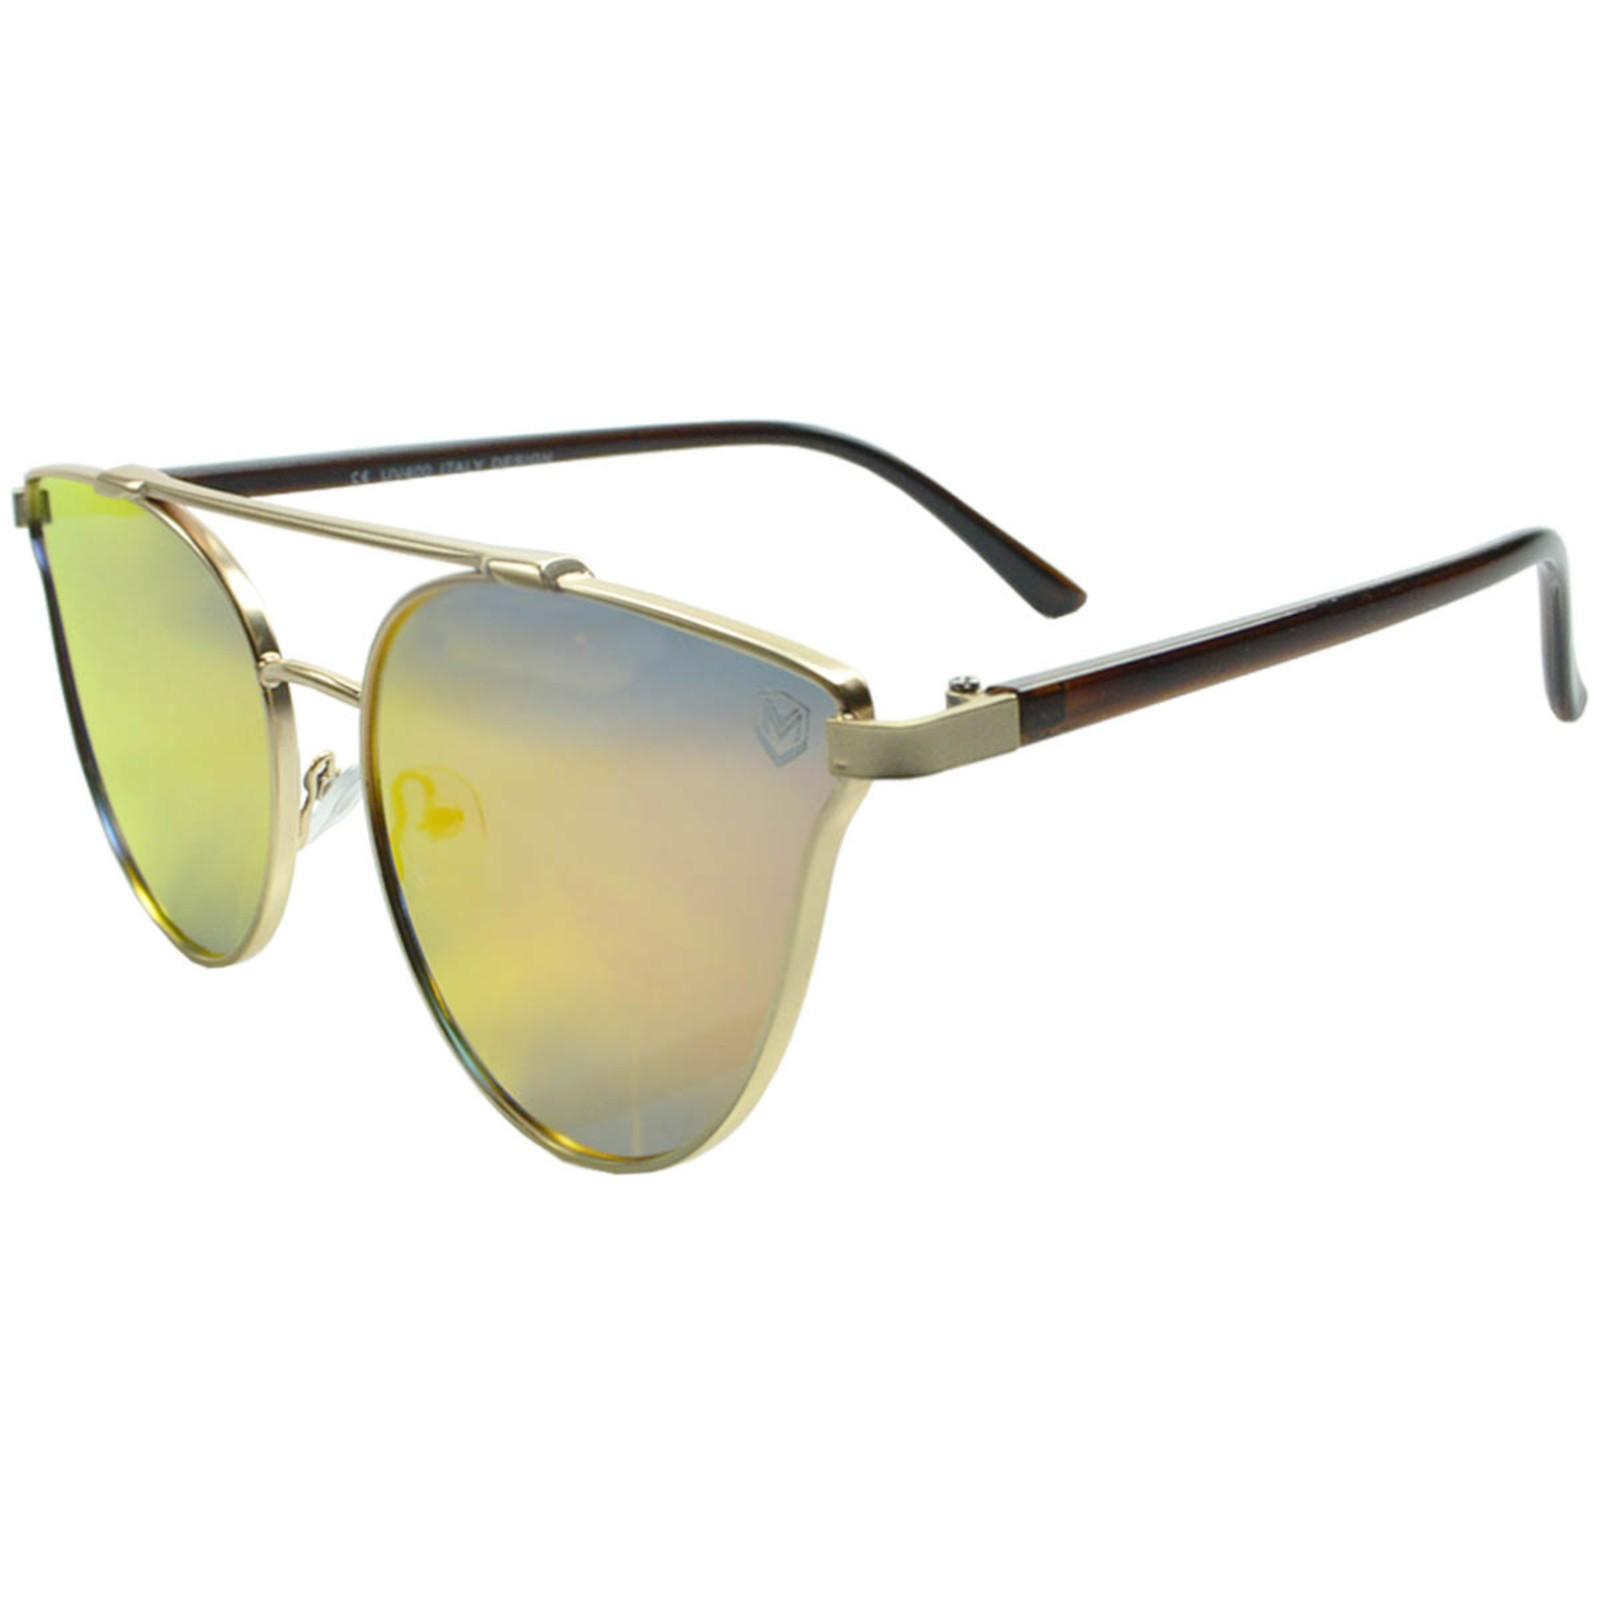 Óculos de Sol Mackage Metal/Acetato Feminino Gateado - Dourado/Vermelho